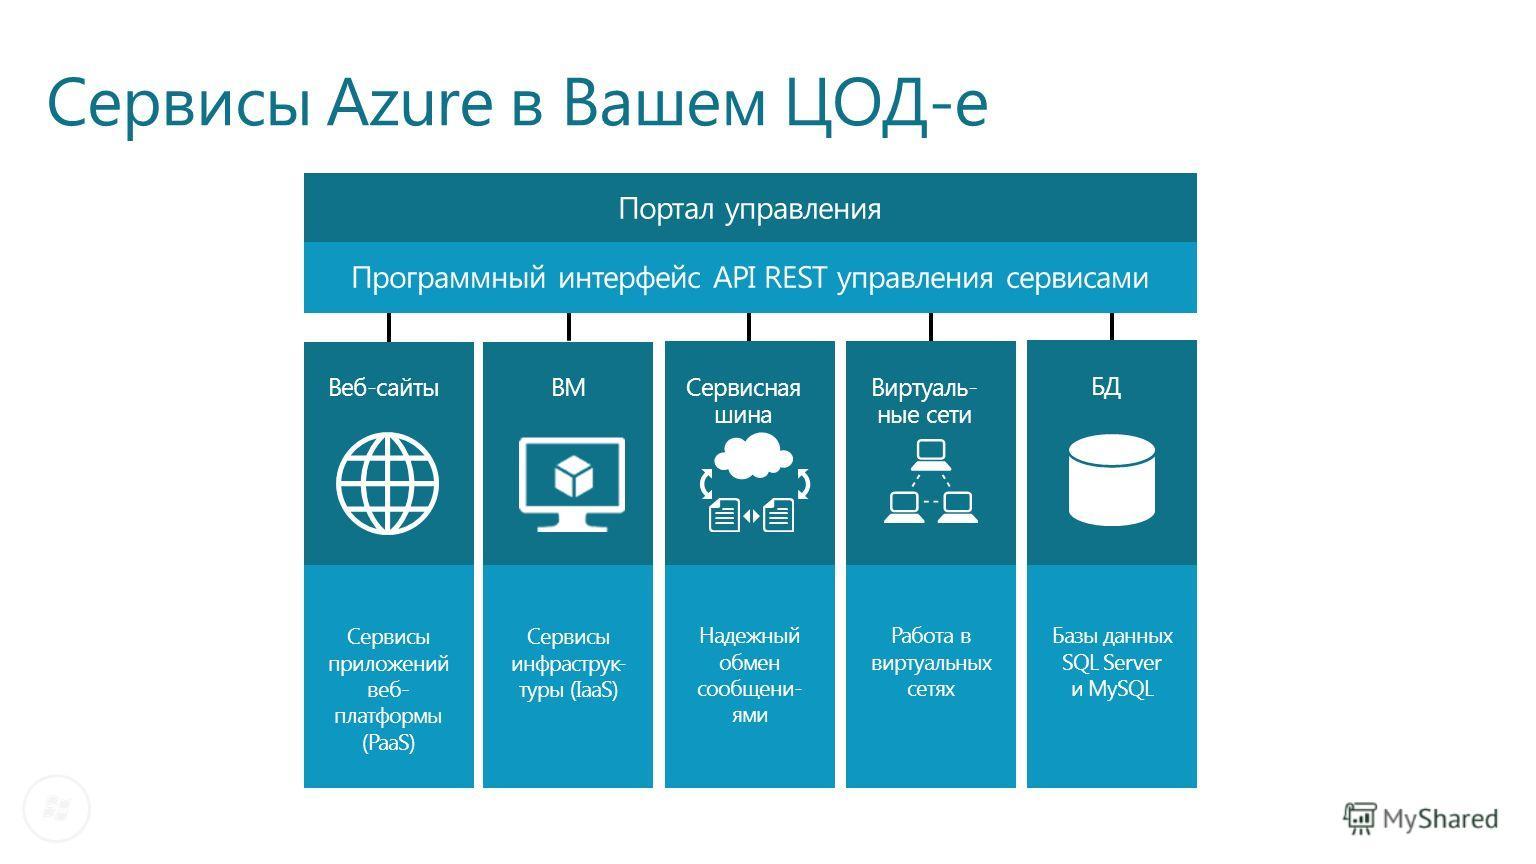 Сервисы Azure в Вашем ЦОД-е Портал управления Веб-сайты Сервисы приложений веб- платформы (PaaS) ВМ Сервисы инфраструк- туры (IaaS) Сервисная шина Надежный обмен сообщени- ями Программный интерфейс API REST управления сервисами Виртуаль- ные сети Раб